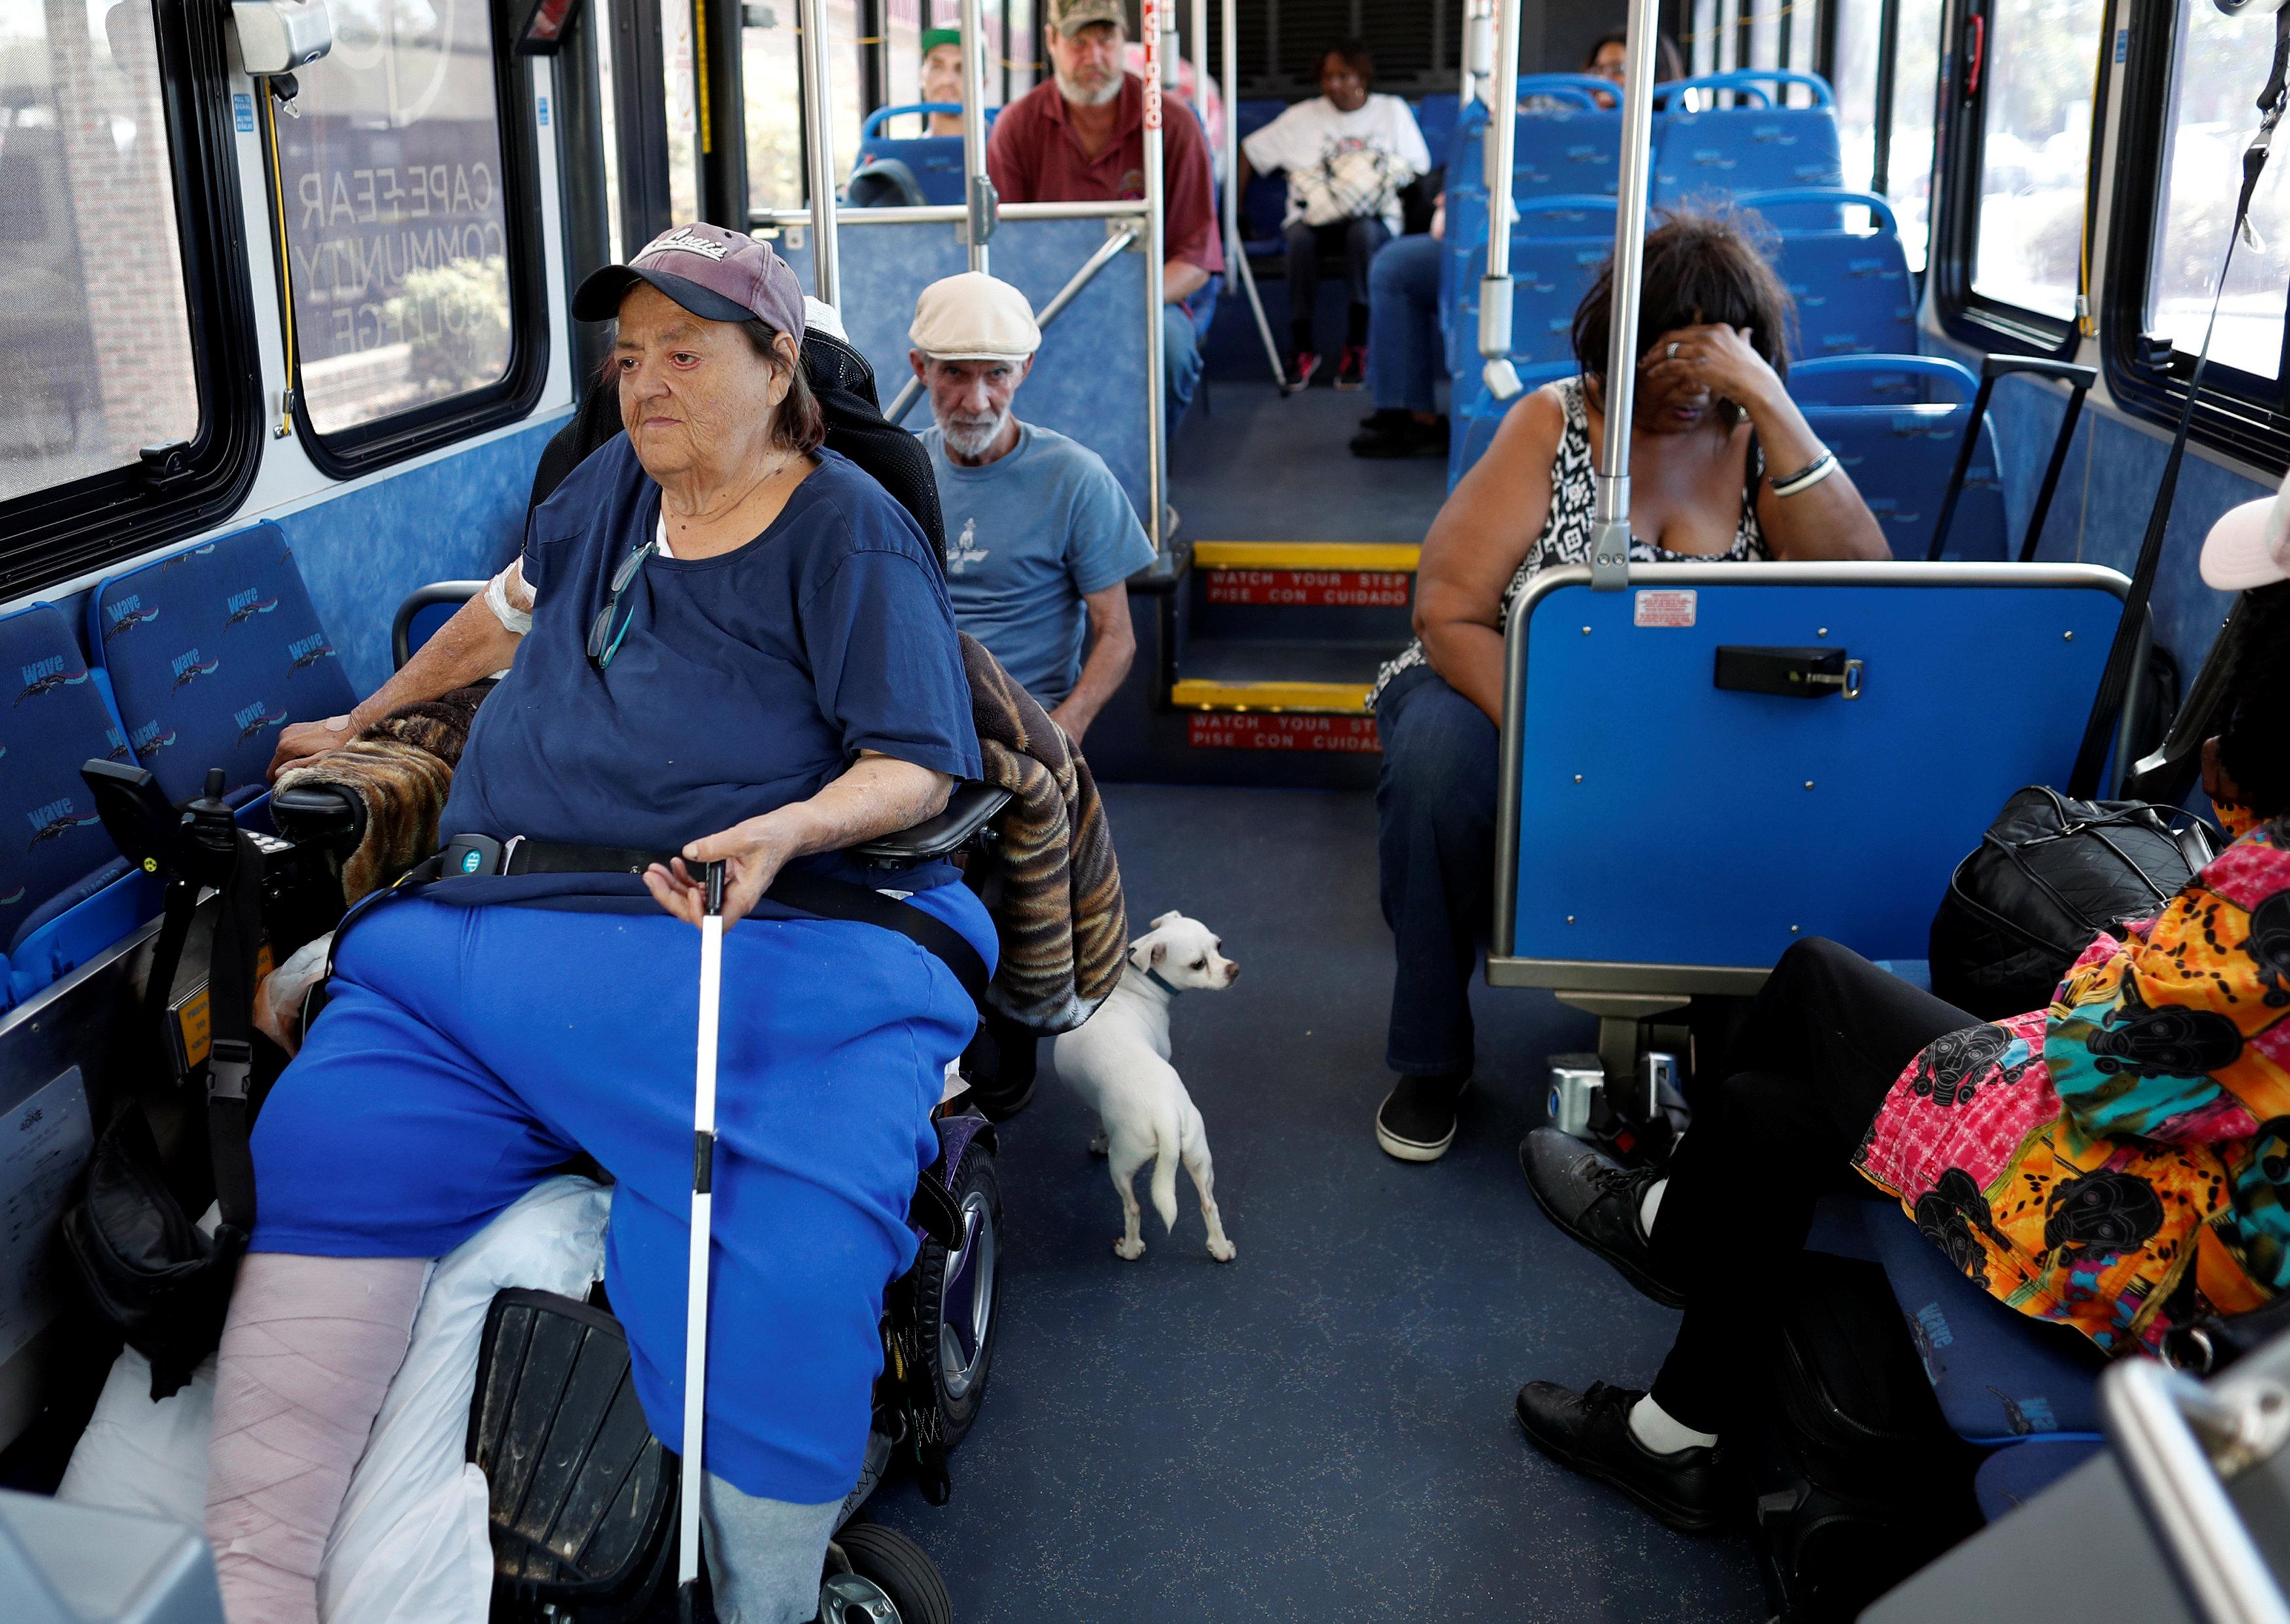 Autobuses llevan a la gente a Raleigh, capital de Carolina del Norte.